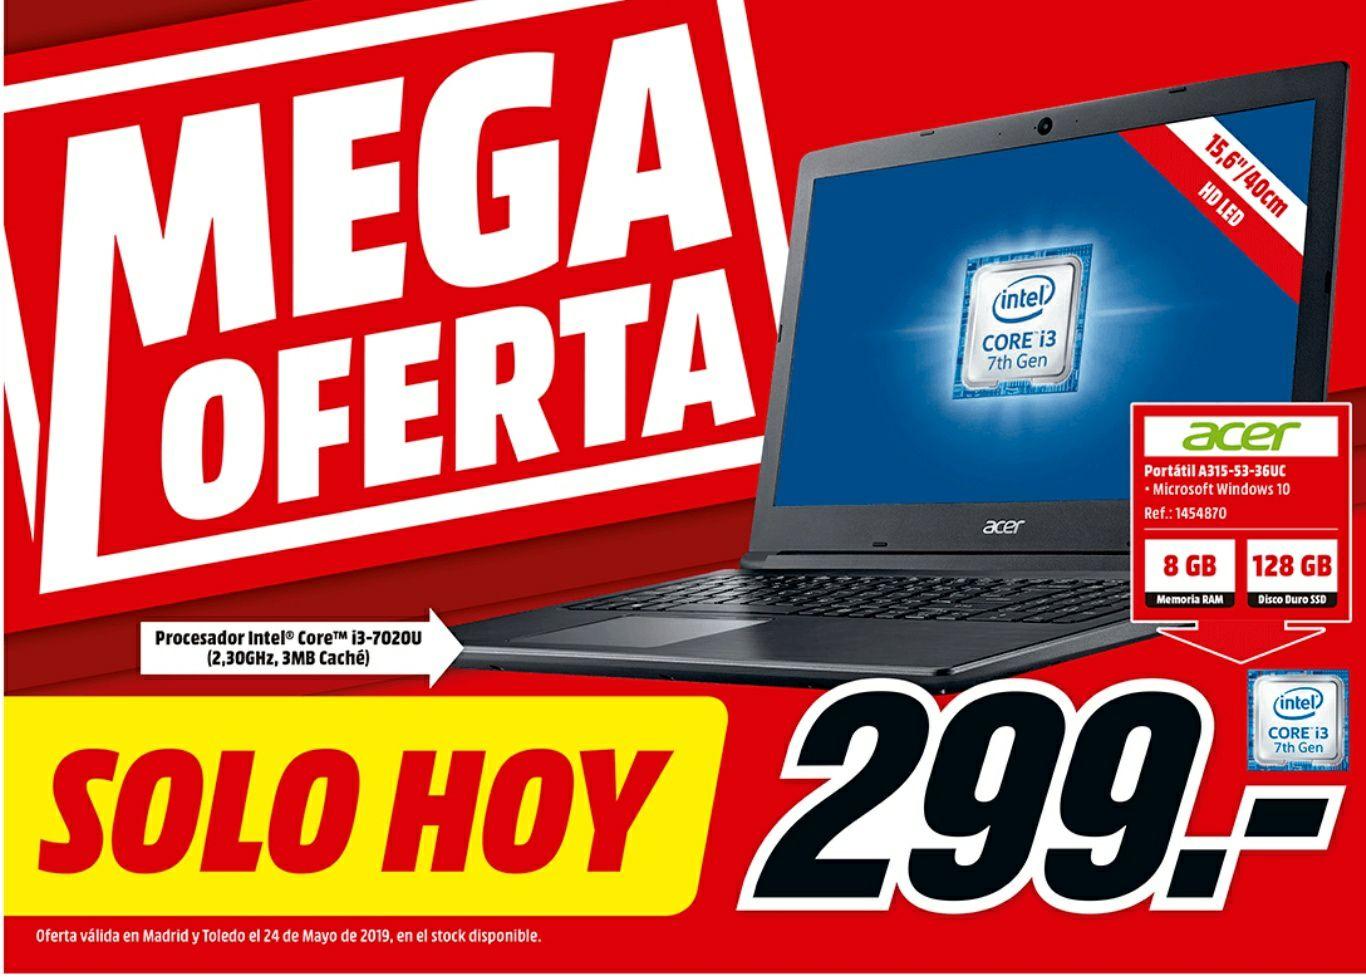 MEGA ofertas solo hoy en Mediamarkt C. Madrid y Toledo.